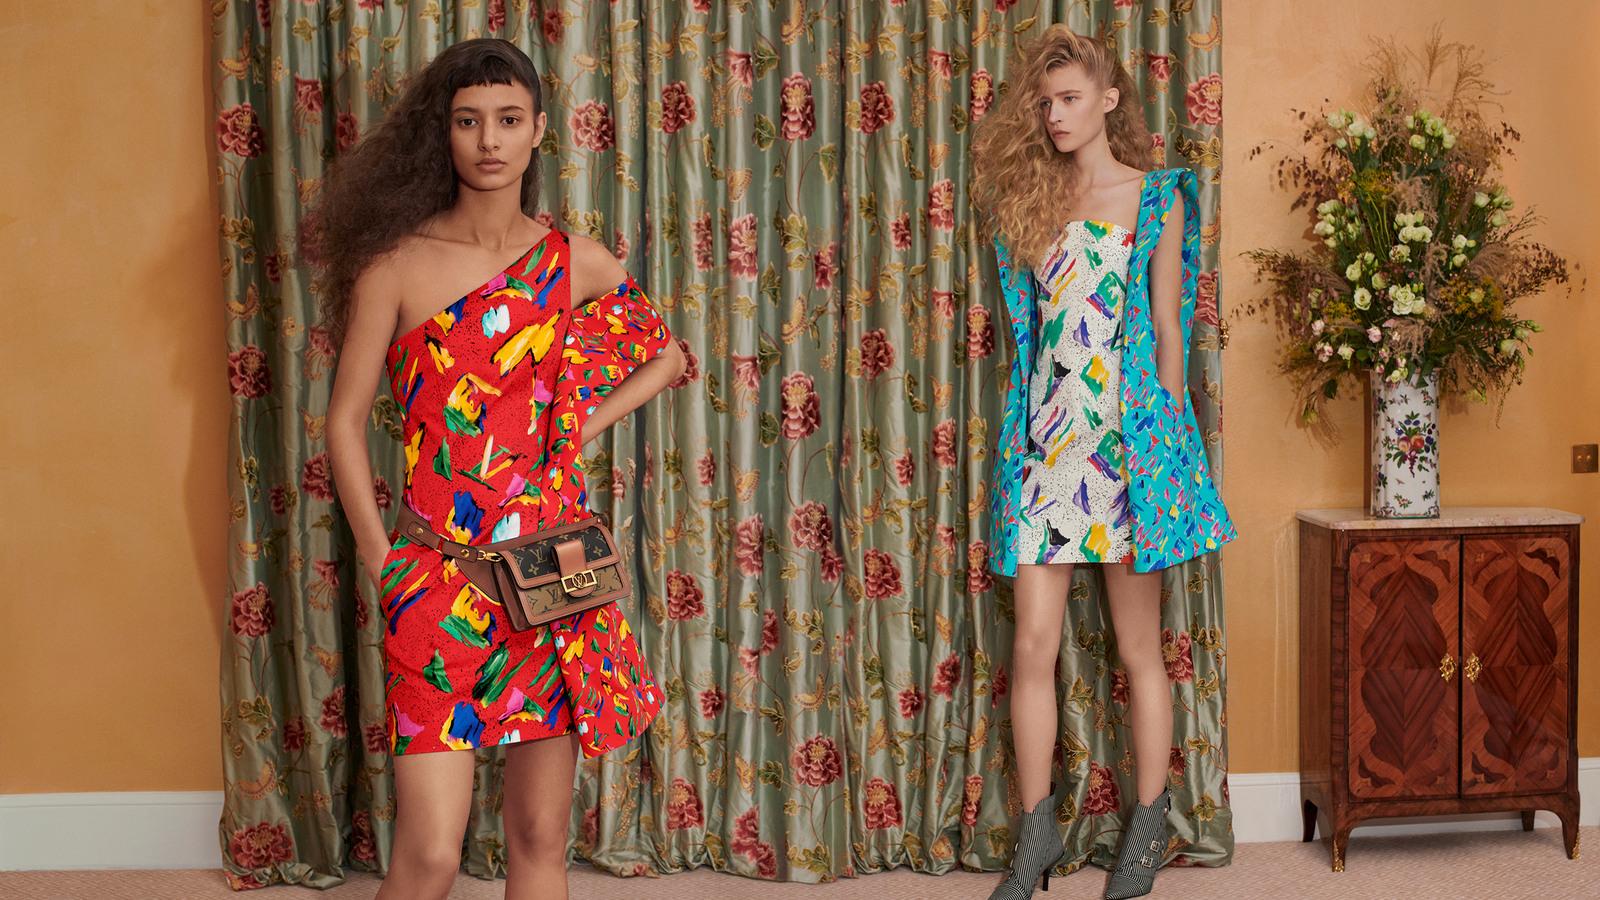 Módna značka Louis Vuitton predstavila svoju najnovšiu dámsku kolekciu jar leto  2019! Ktorý kúsok by ste si vedeli predstaviť vo svojom šatníku  + VIDEO 14efdb941f8